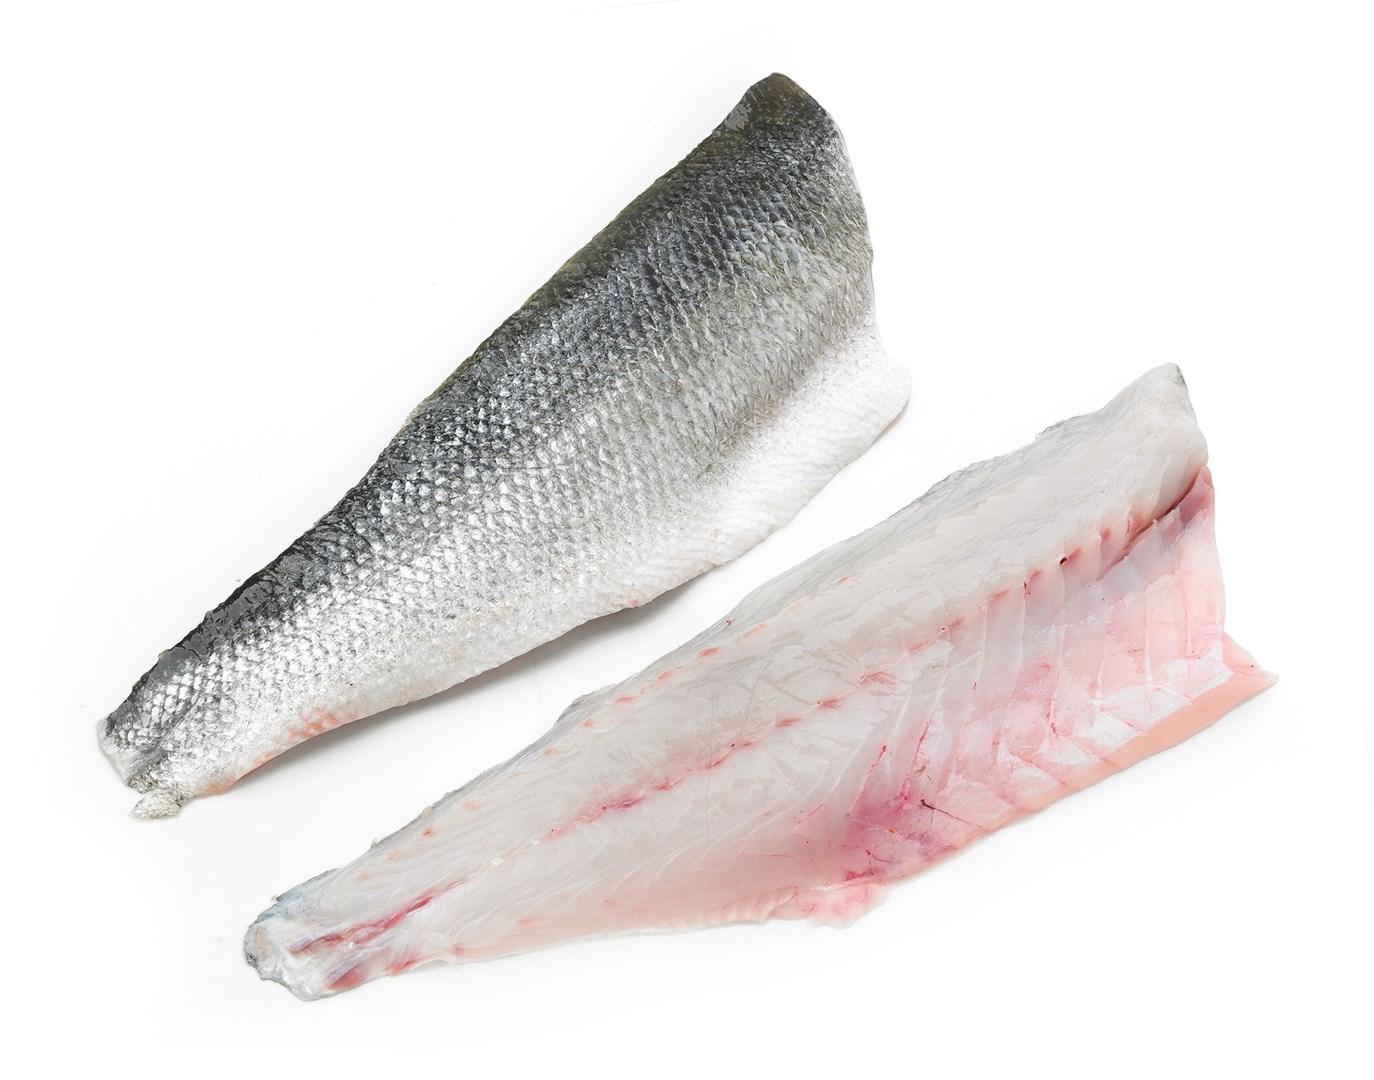 Productafbeelding Zeebaars wild 1-2 kg, filet met vel geschubd